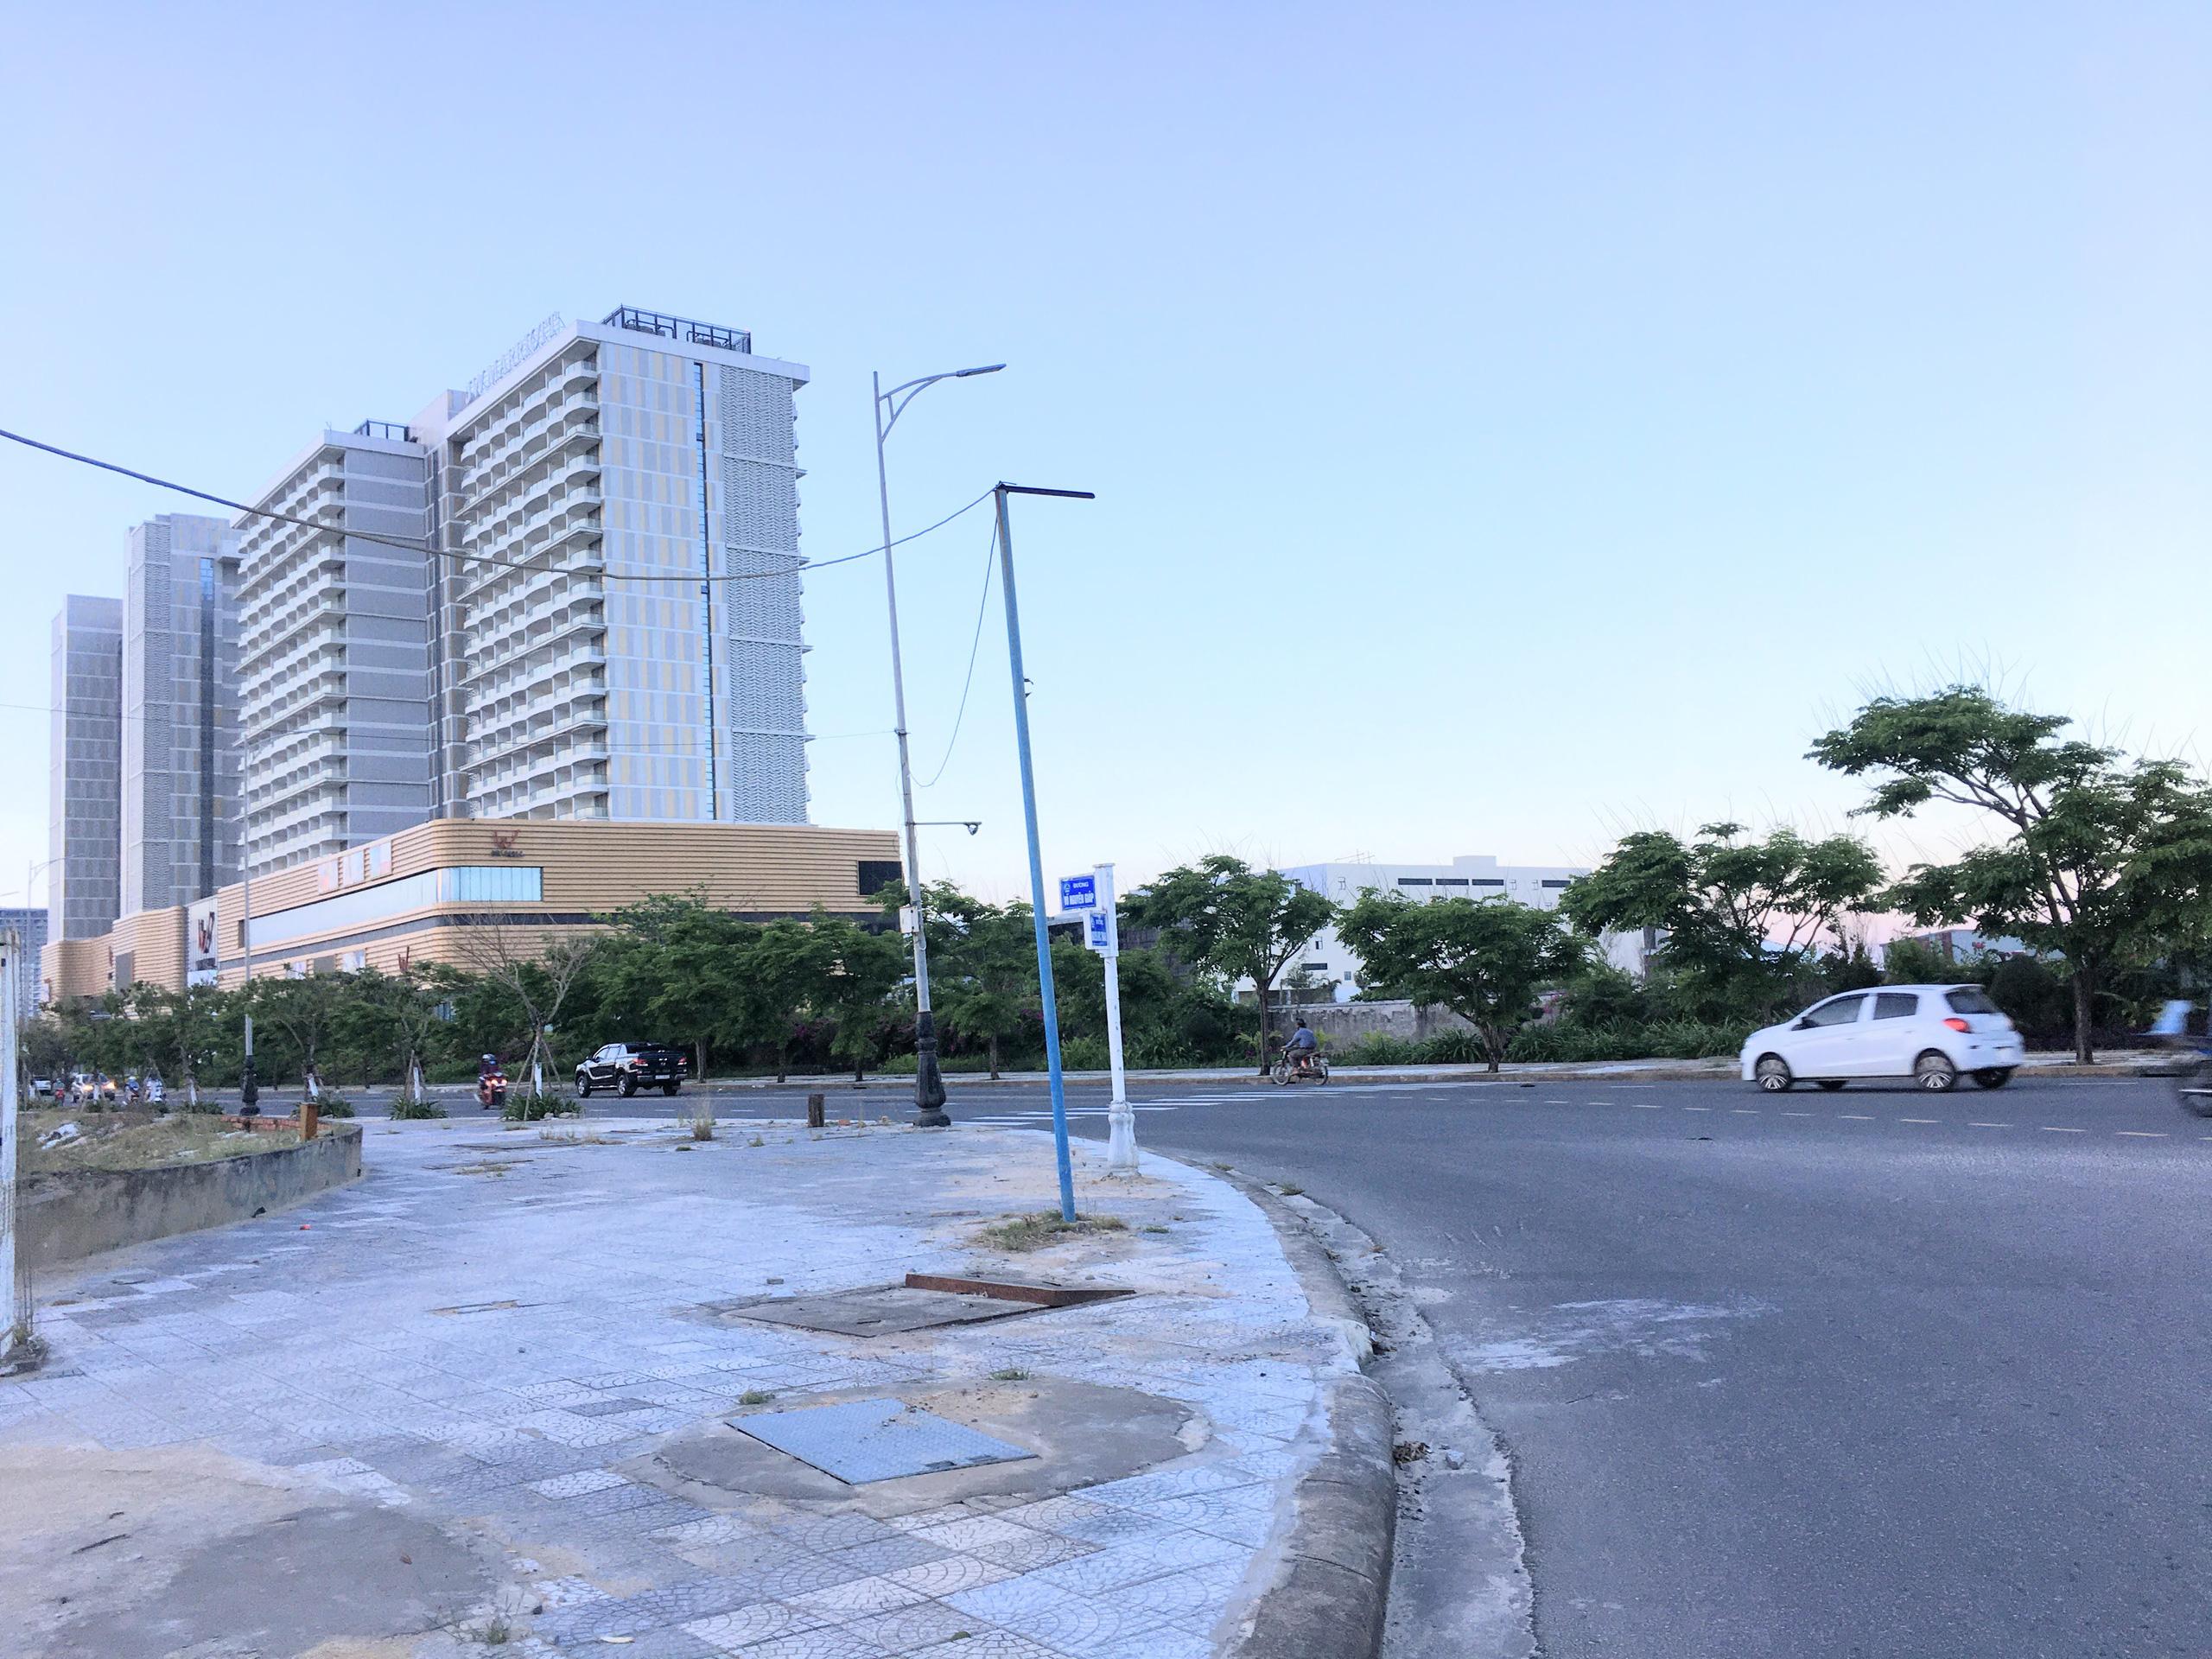 Dự án hơn 12 ha ven biển Đà Nẵng mà Công ty của vợ chồng Chủ tịch VNDirect muốn rút đầu tư hiện đang bỏ hoang - Ảnh 12.